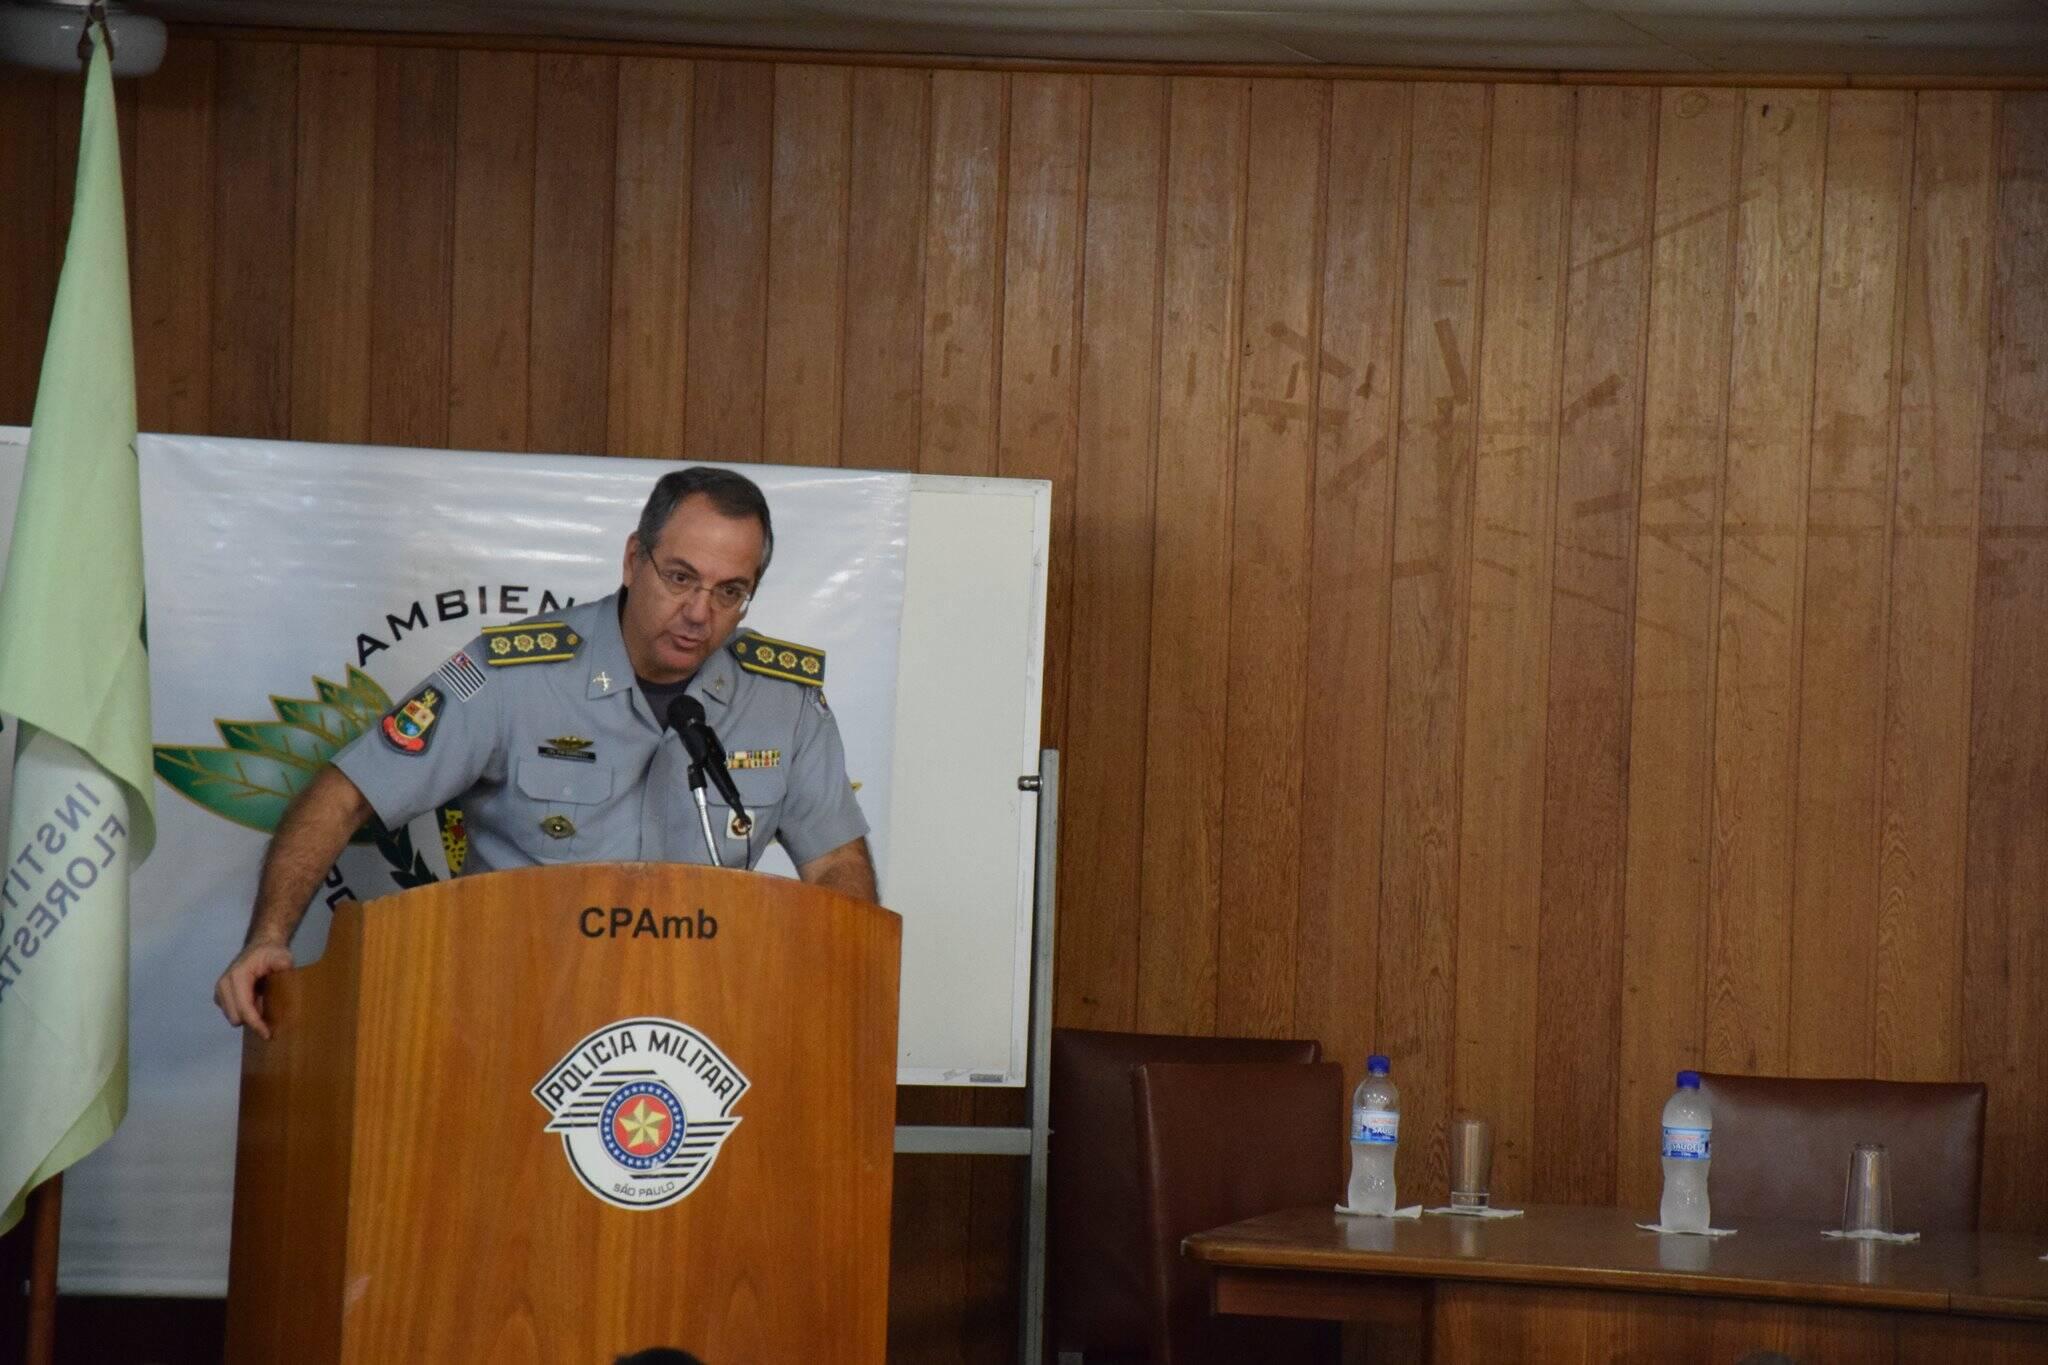 Coronel Sardilli fez uma discurso forte contra o crime de soltura de balões no Estado de São Paulo. Foto: Divulgação/Polícia Militar Ambiental